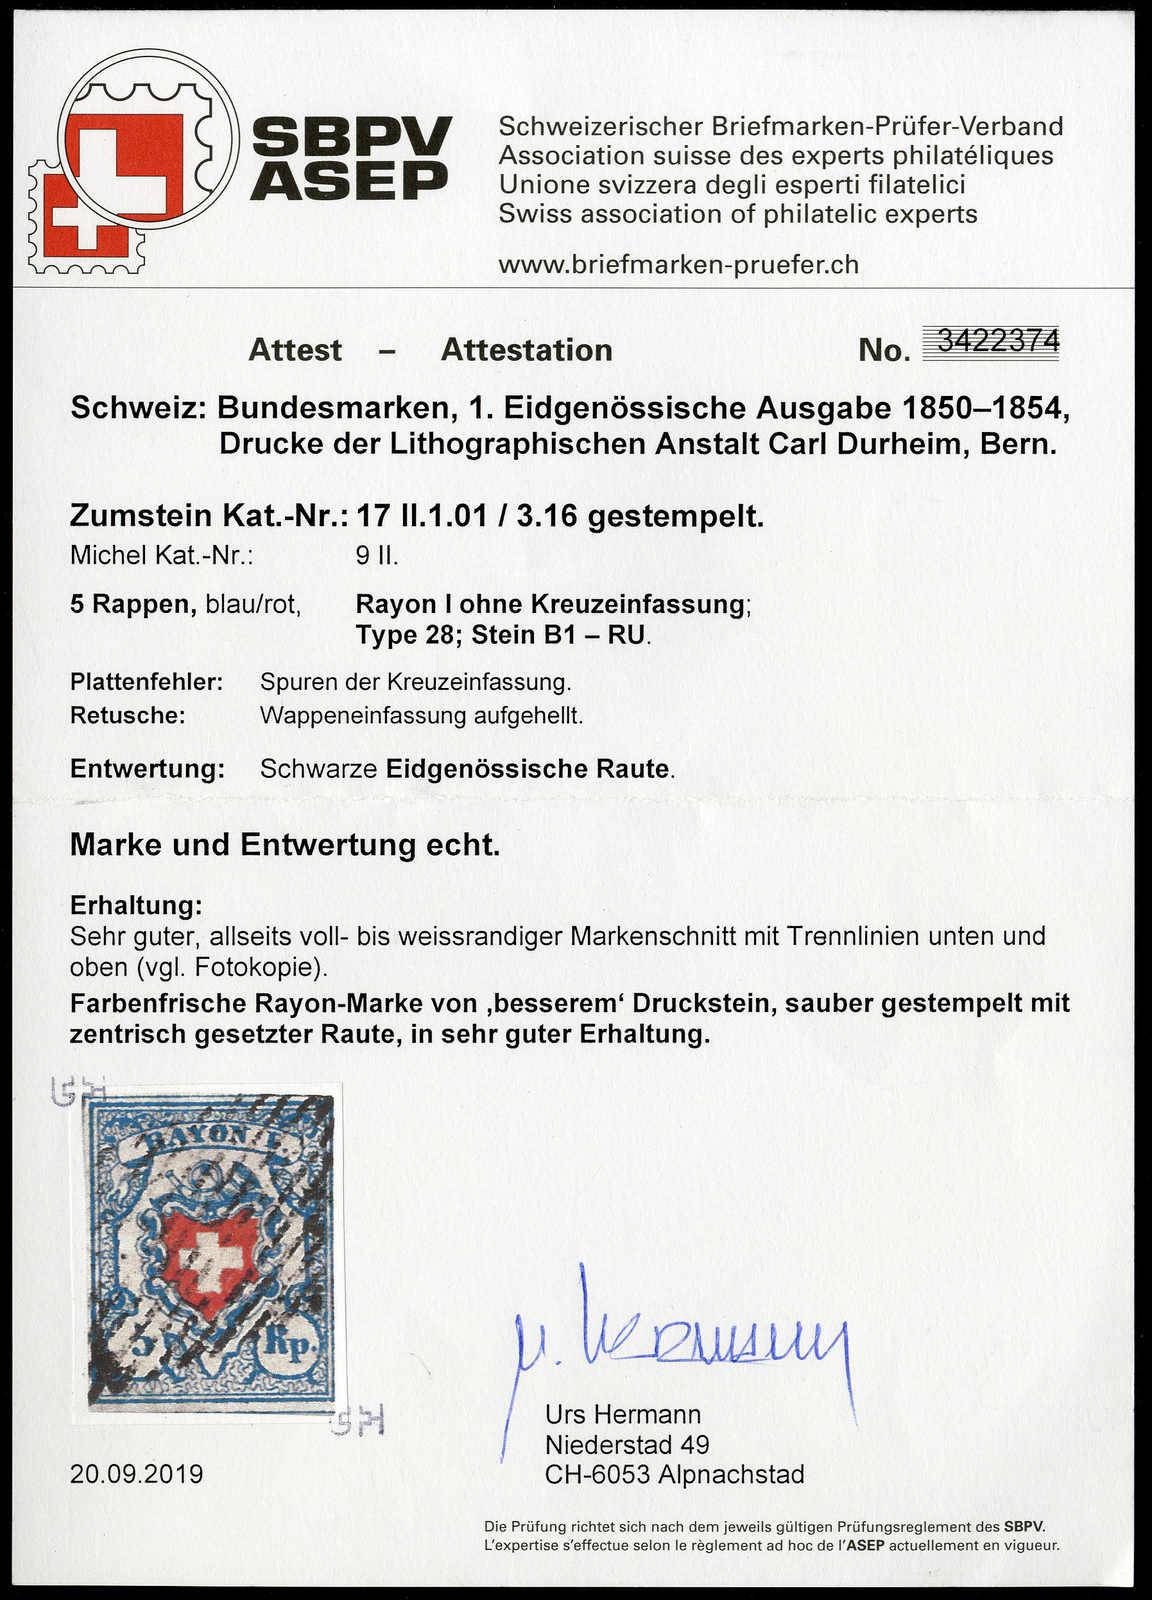 Lot 21 - sammlungen und posten sammlungen und posten altschweiz -  Rolli Auctions Auction #68 Day 1